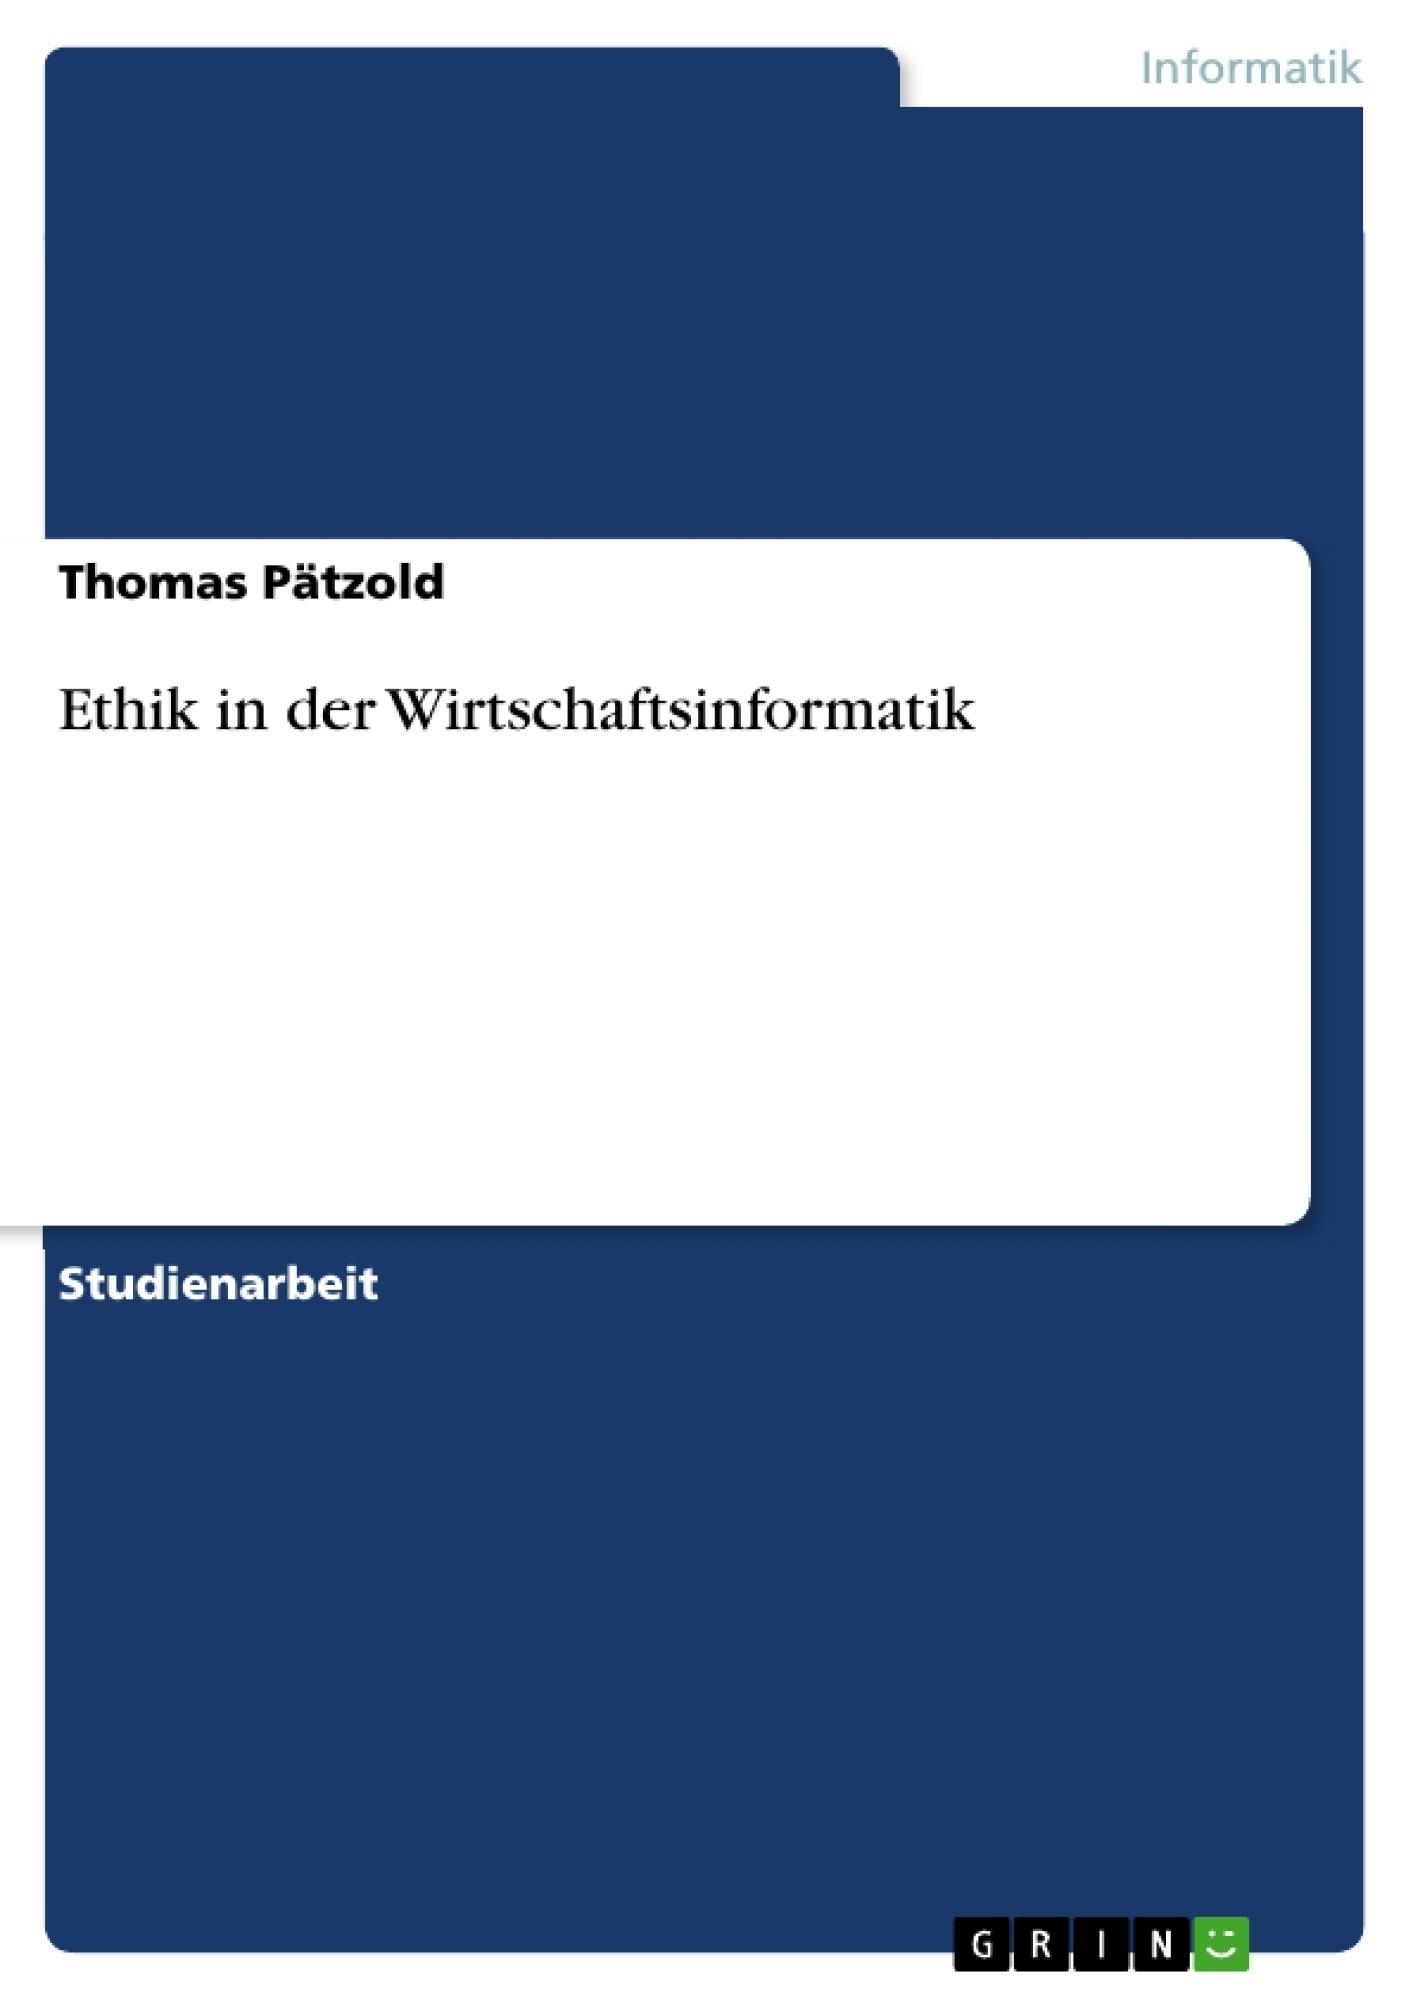 Titel: Ethik in der Wirtschaftsinformatik